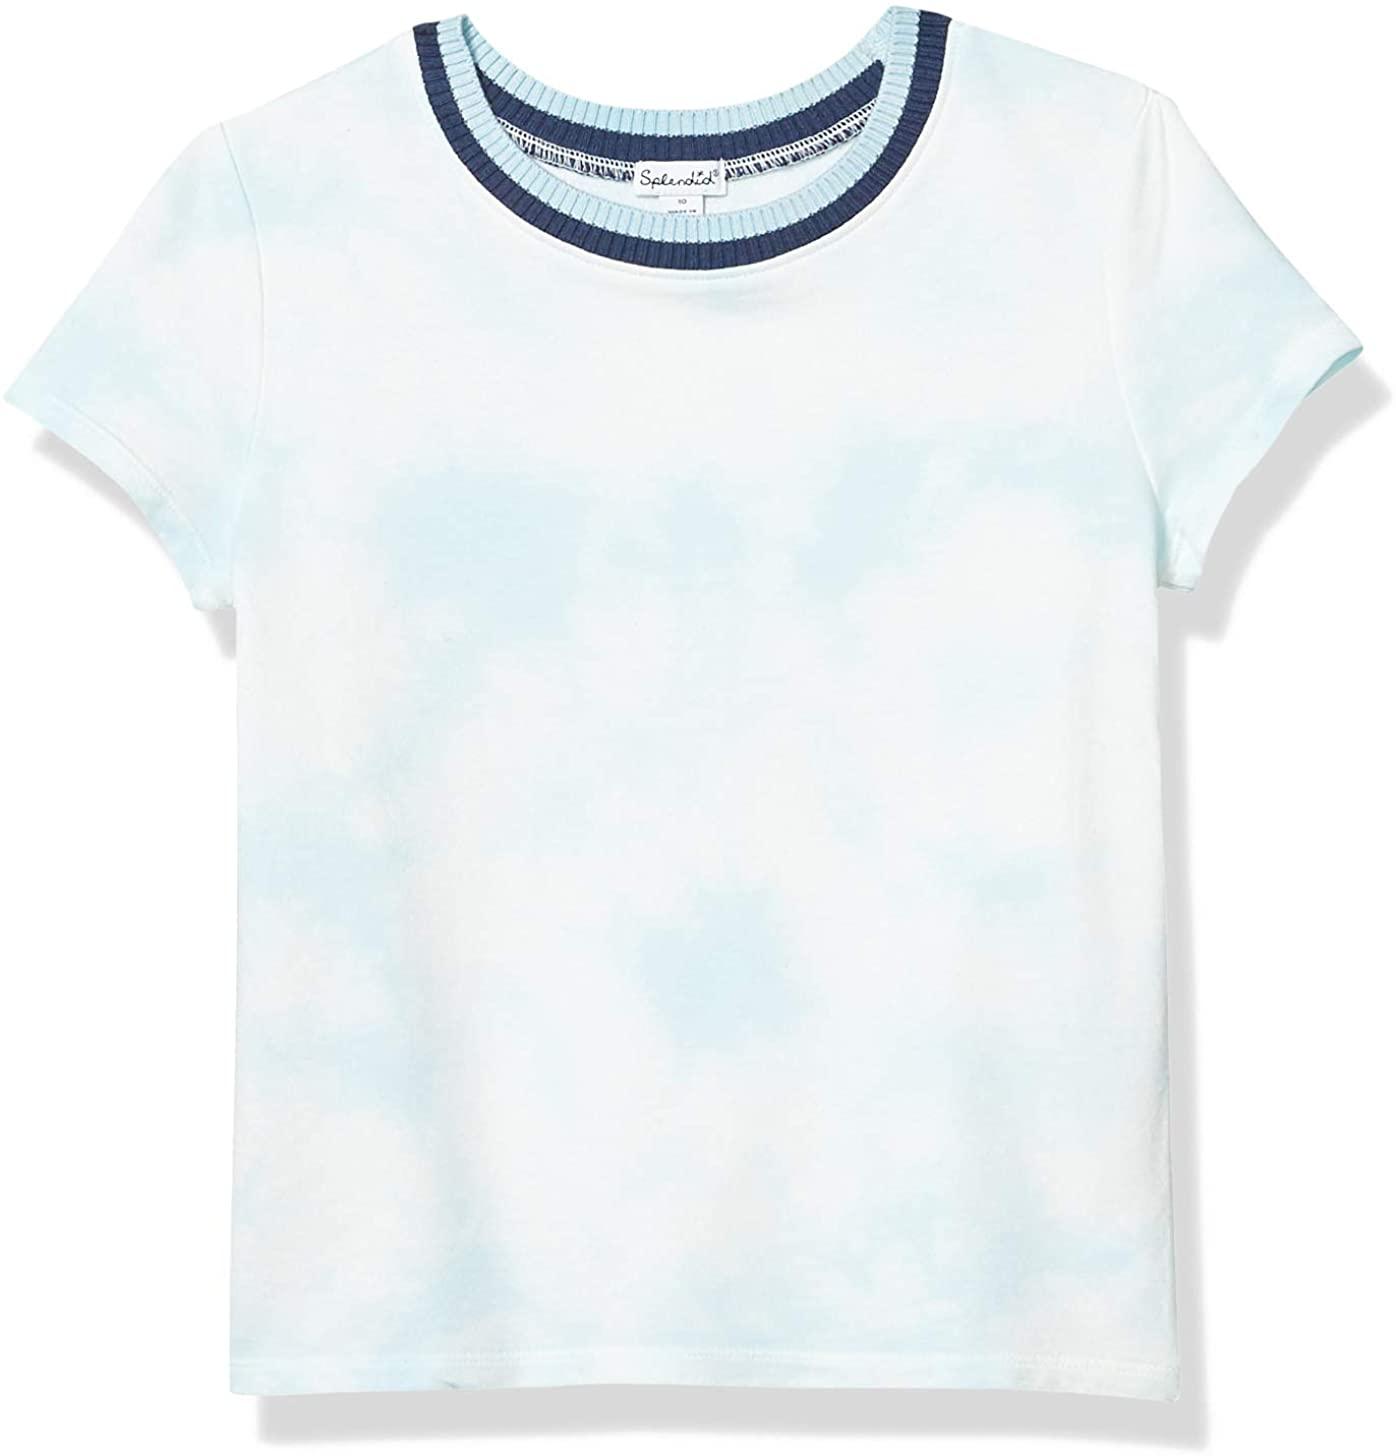 Splendid Girls' Kids' Short Sleeve Top